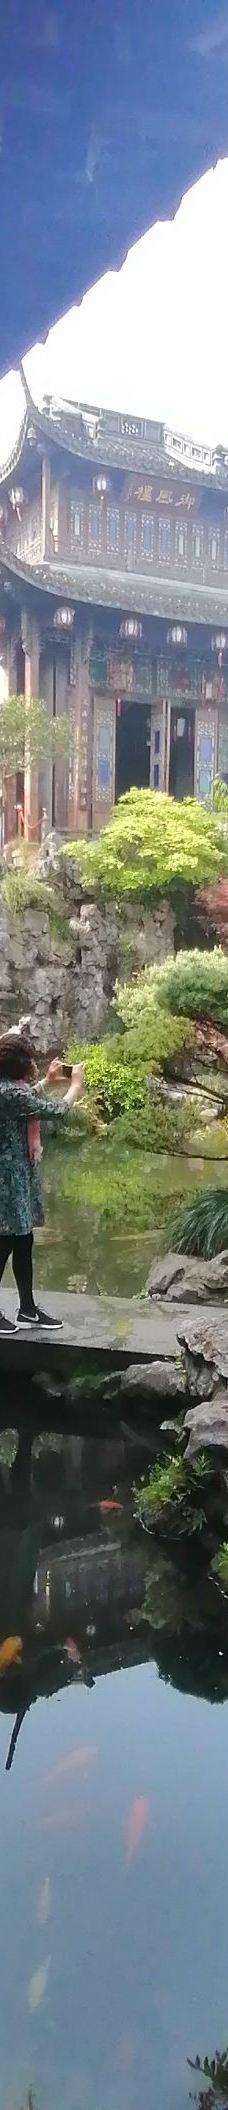 胡雪岩故居-杭州